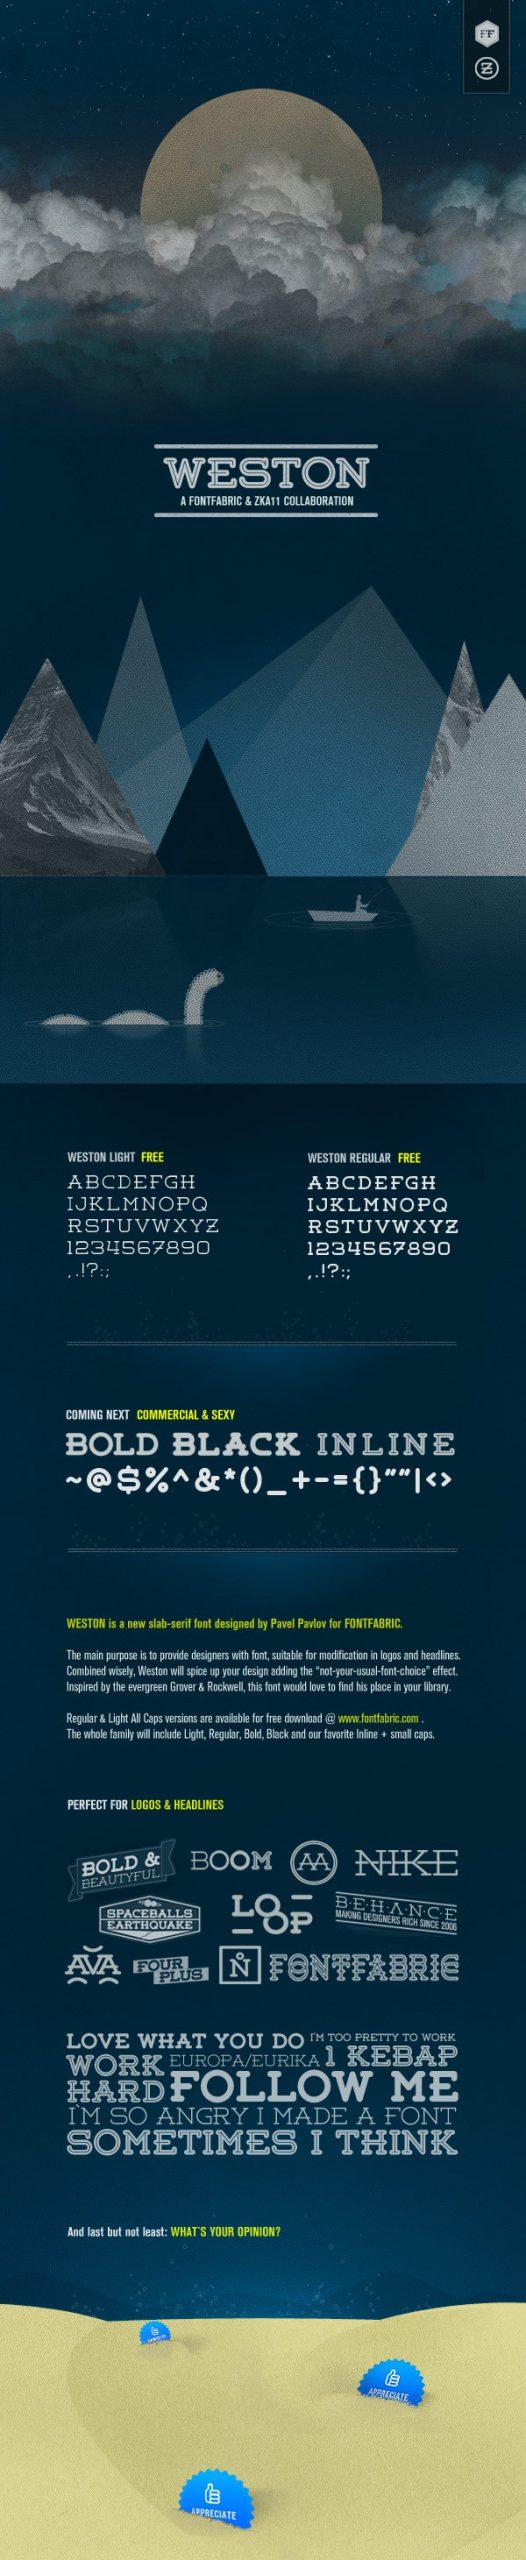 نمونه طراحی تایپوگرافی